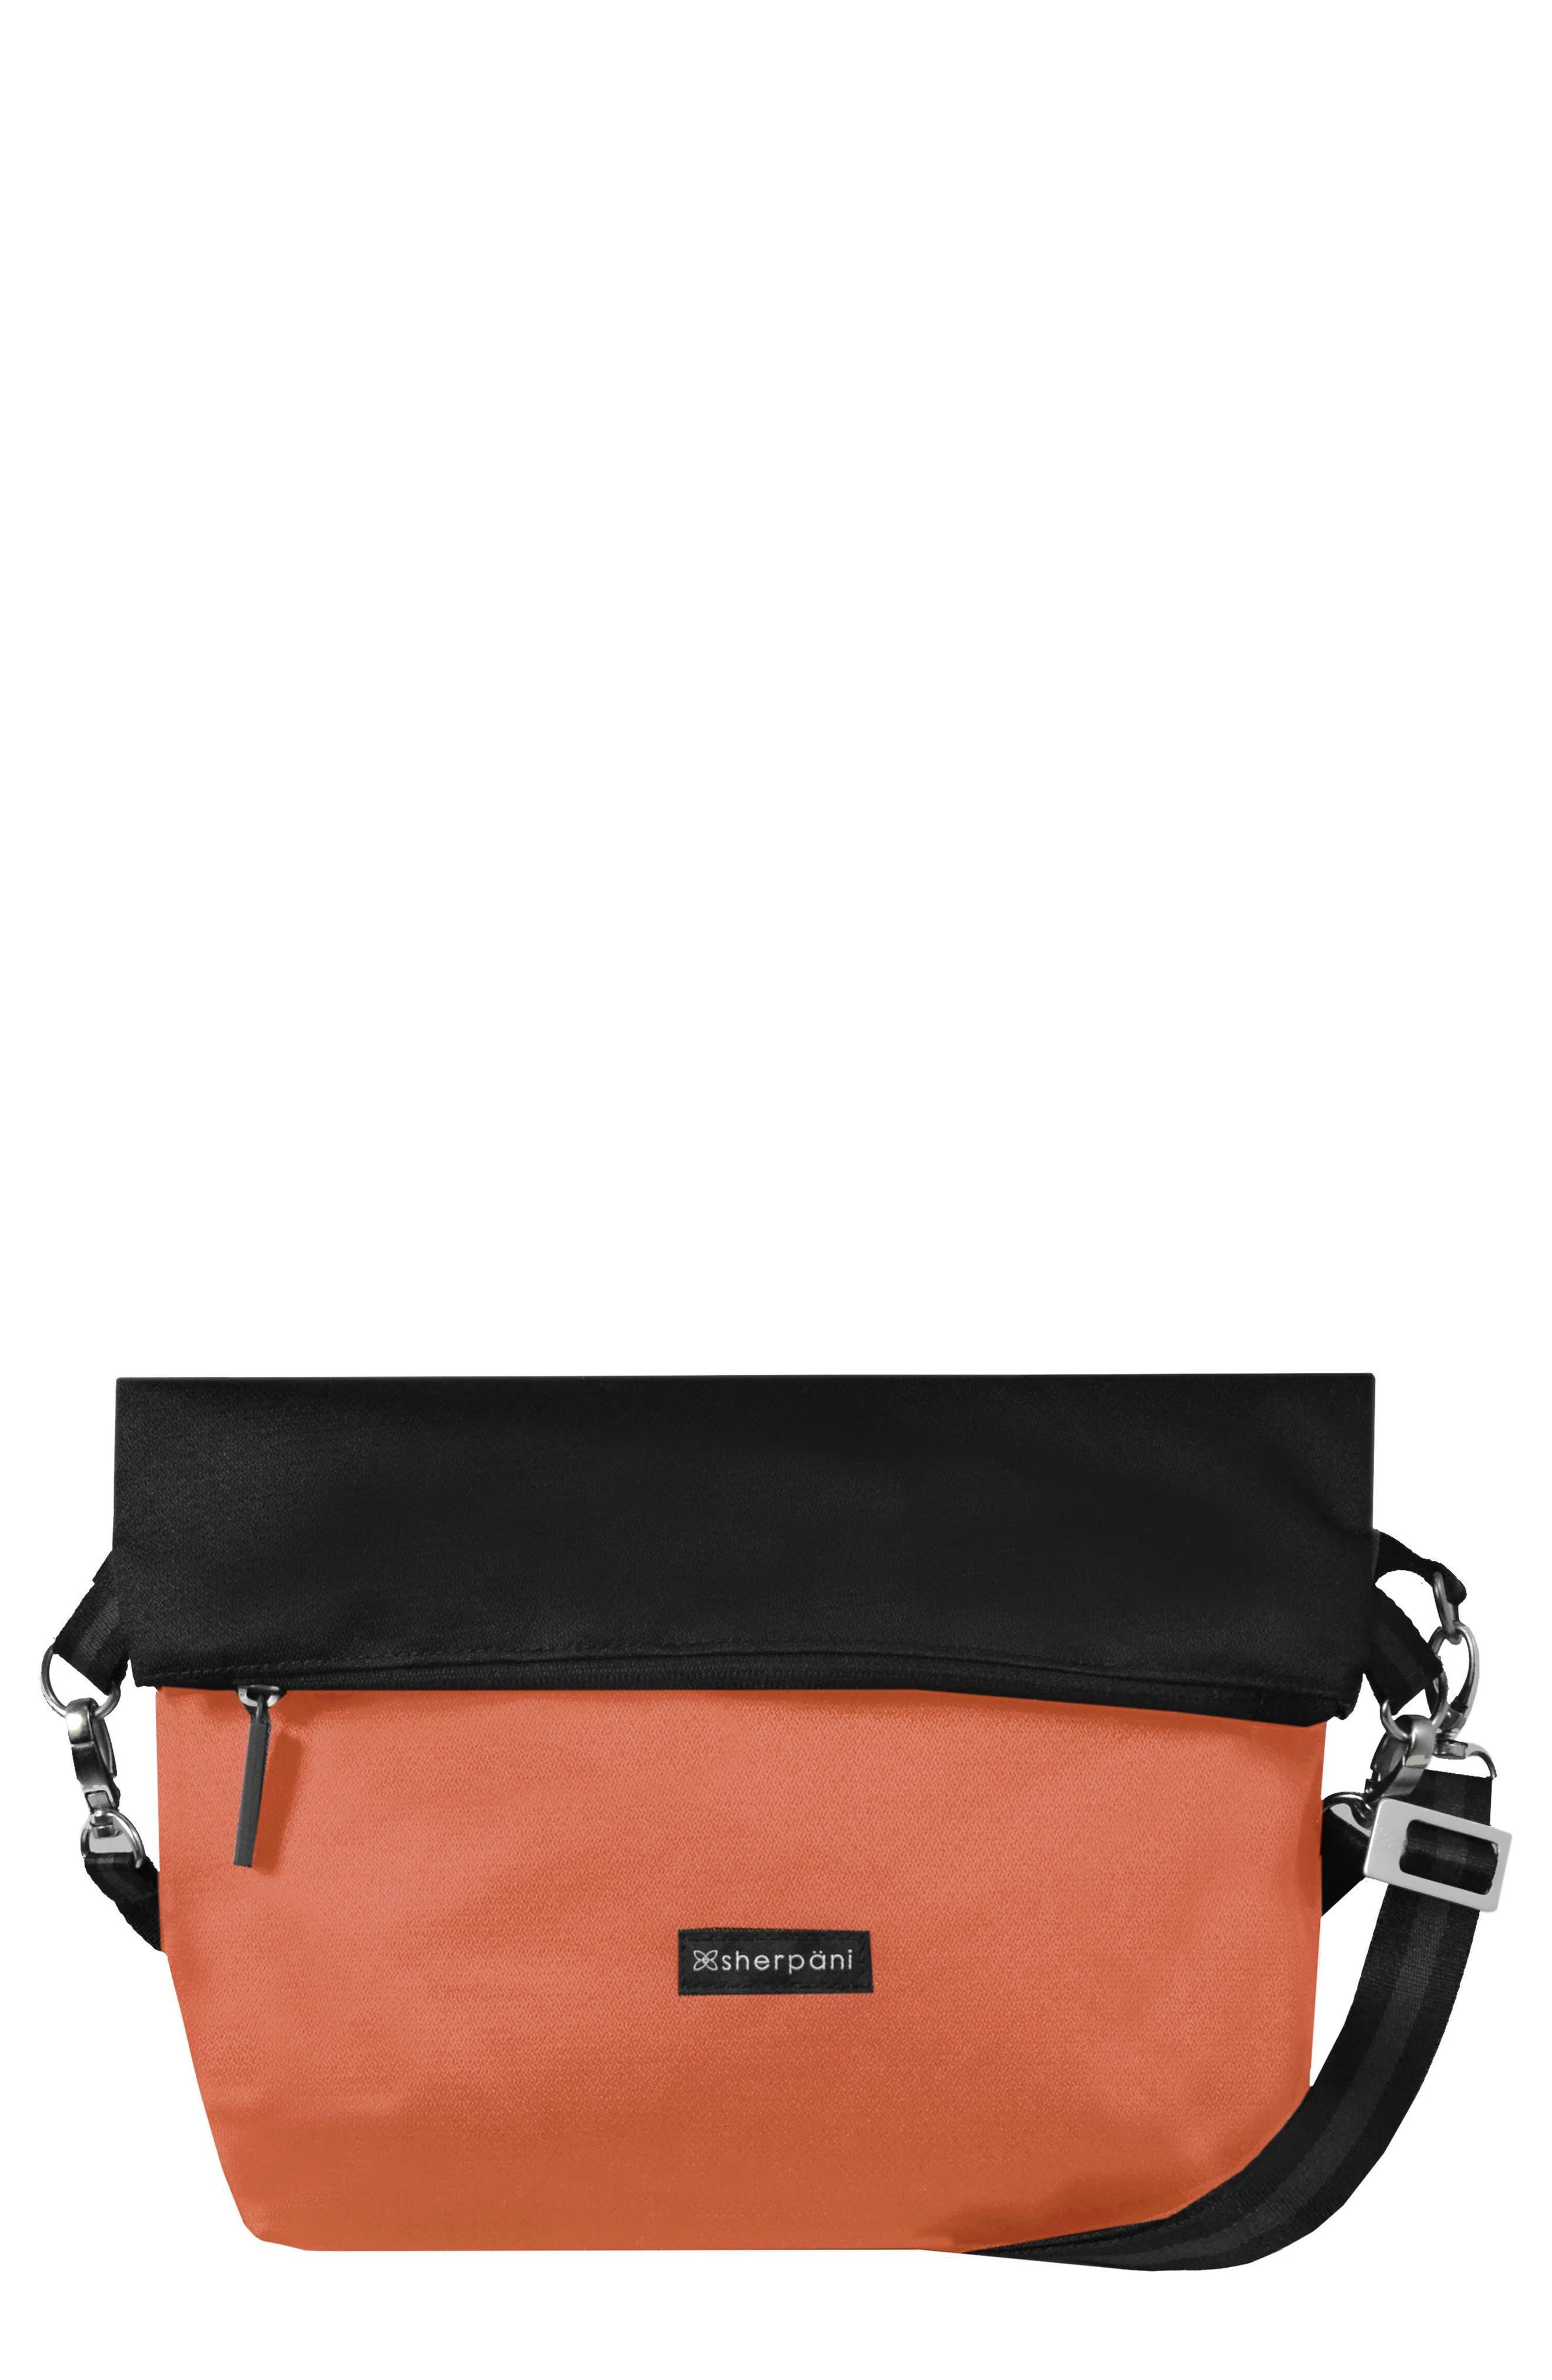 Alternate Image 1 Selected - Sherpani Vale Reversible Crossbody Bag